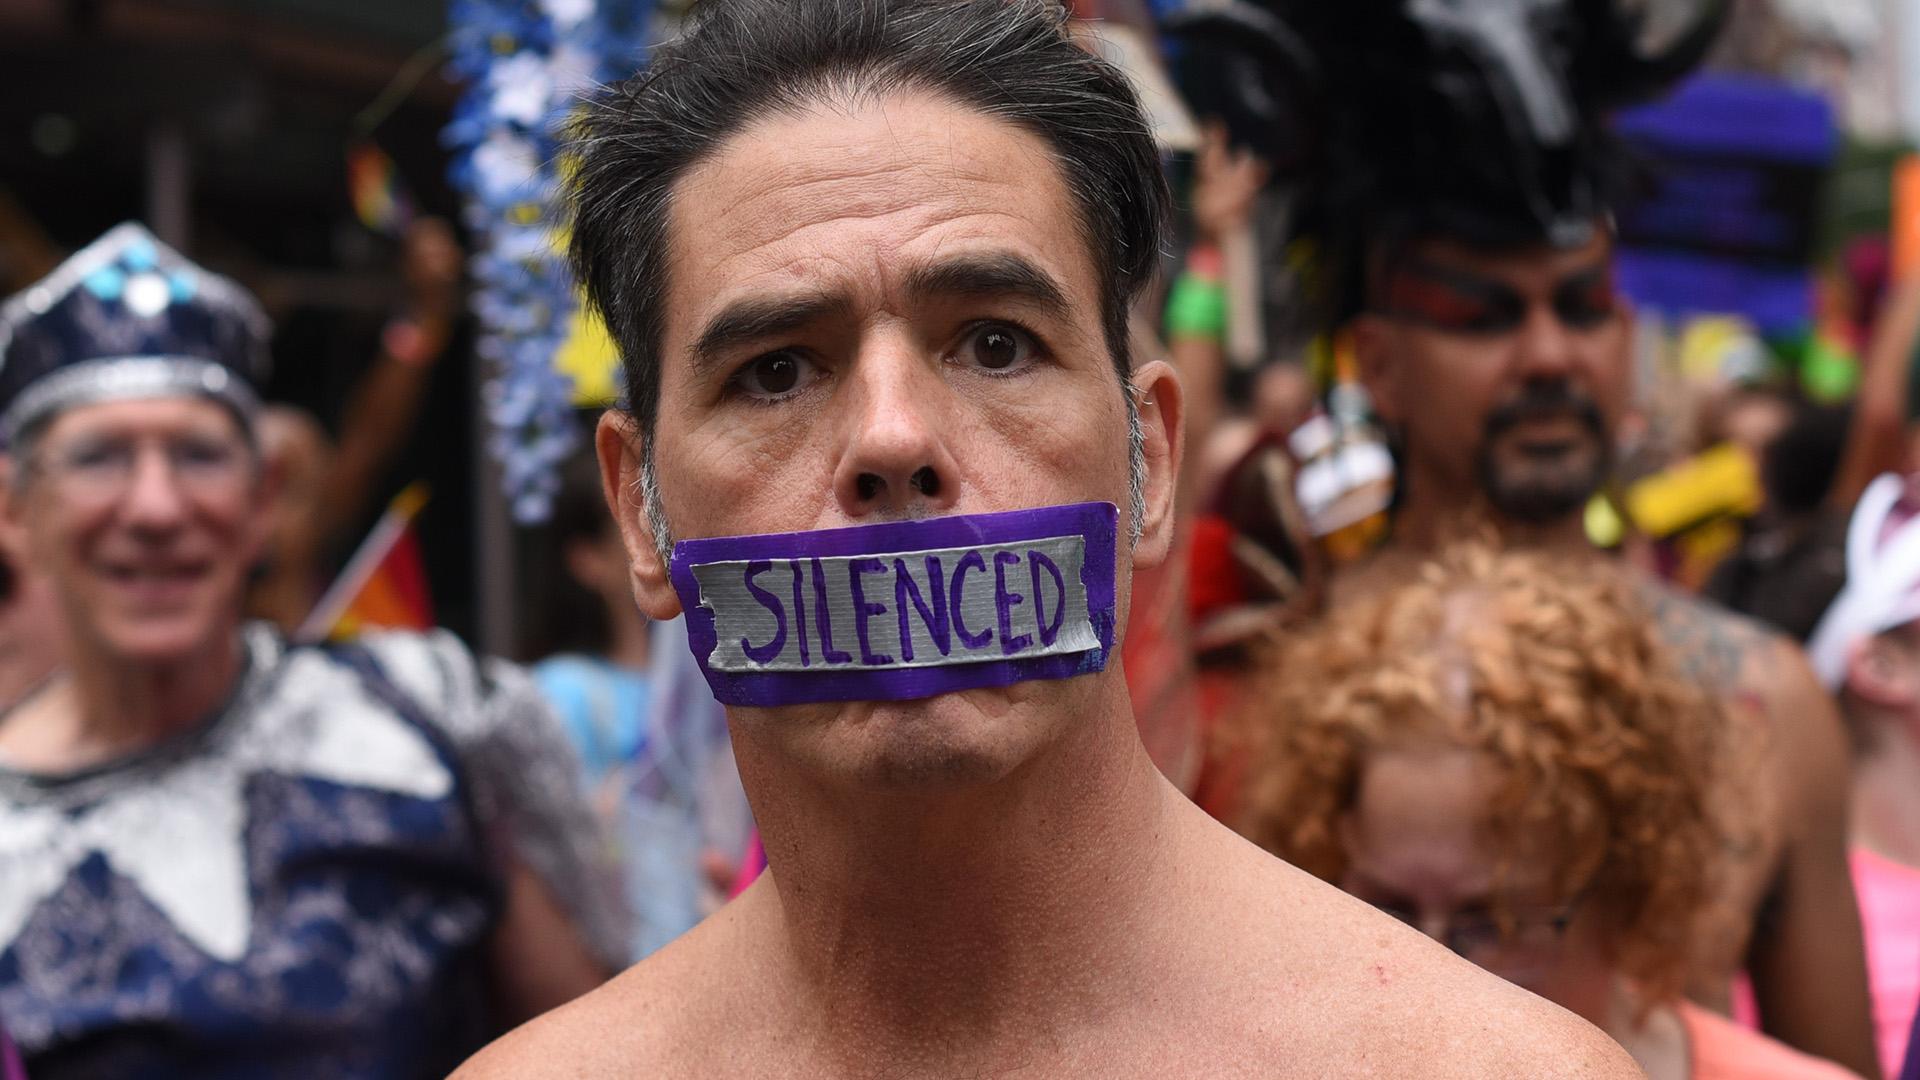 Algunos aprovecharon la marcha para pronunciar mensajes de protesta (AFP)